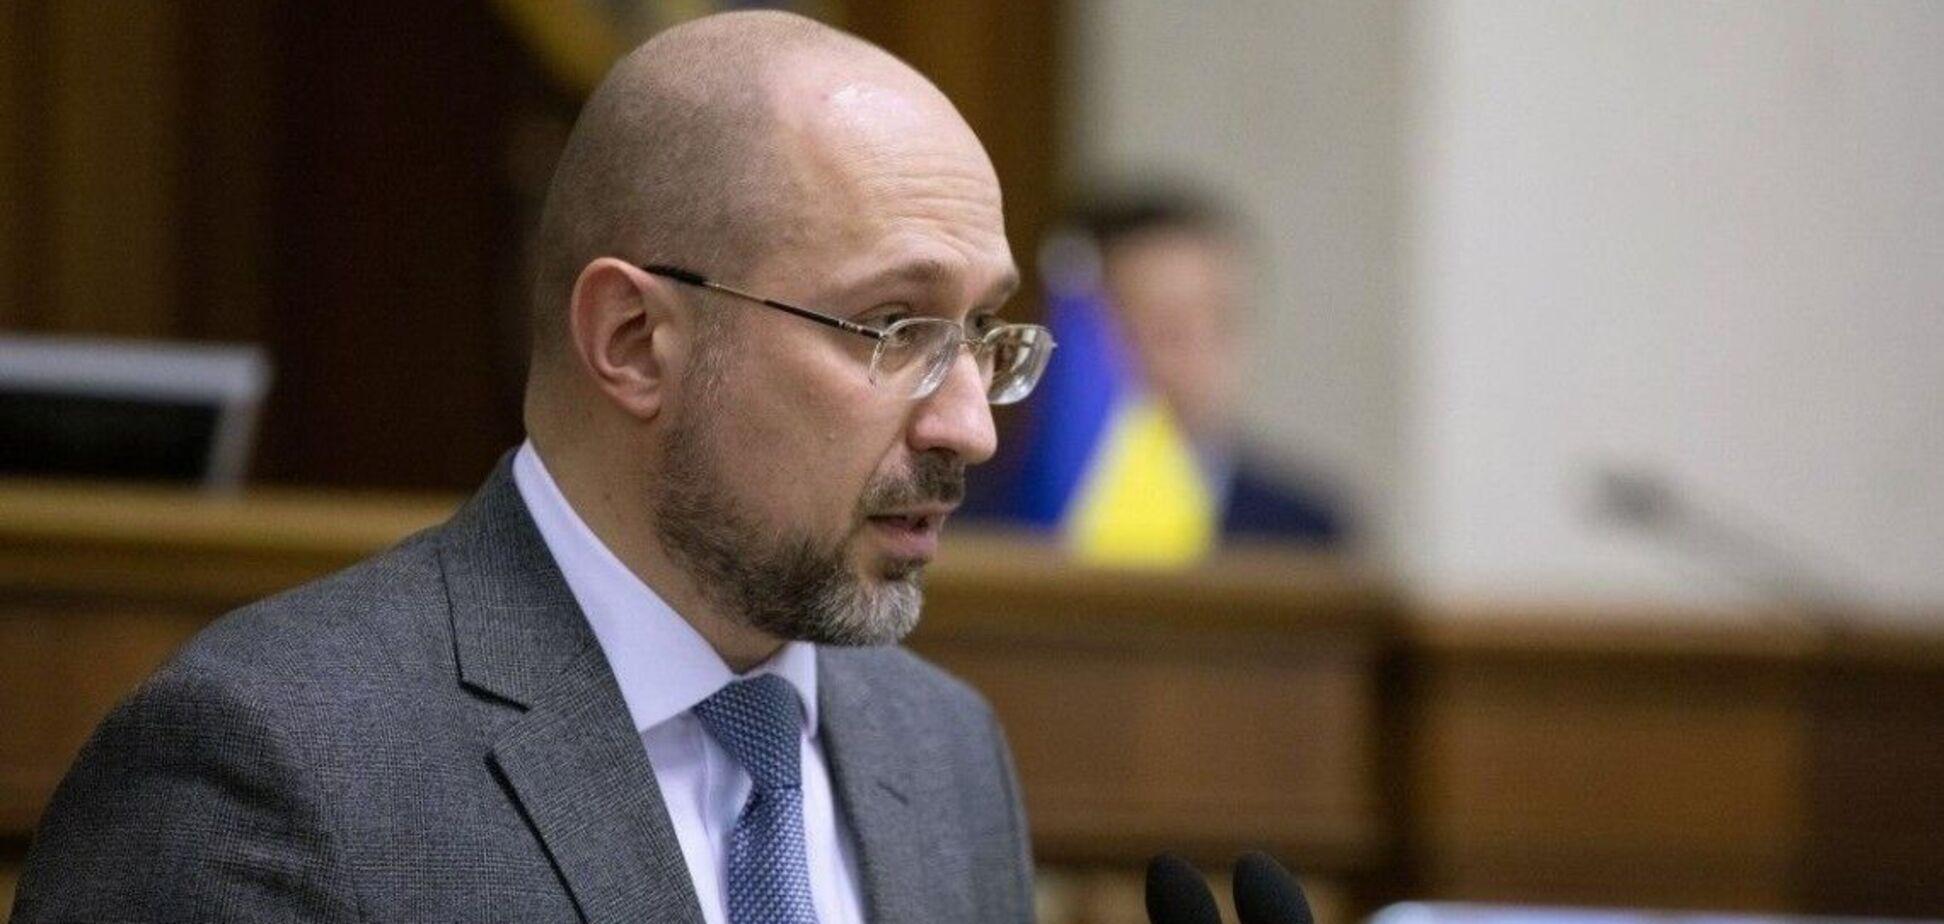 Шмыгаль провел тайные переговоры с премьером Казахстана о закупке продукции для УЗ – СМИ